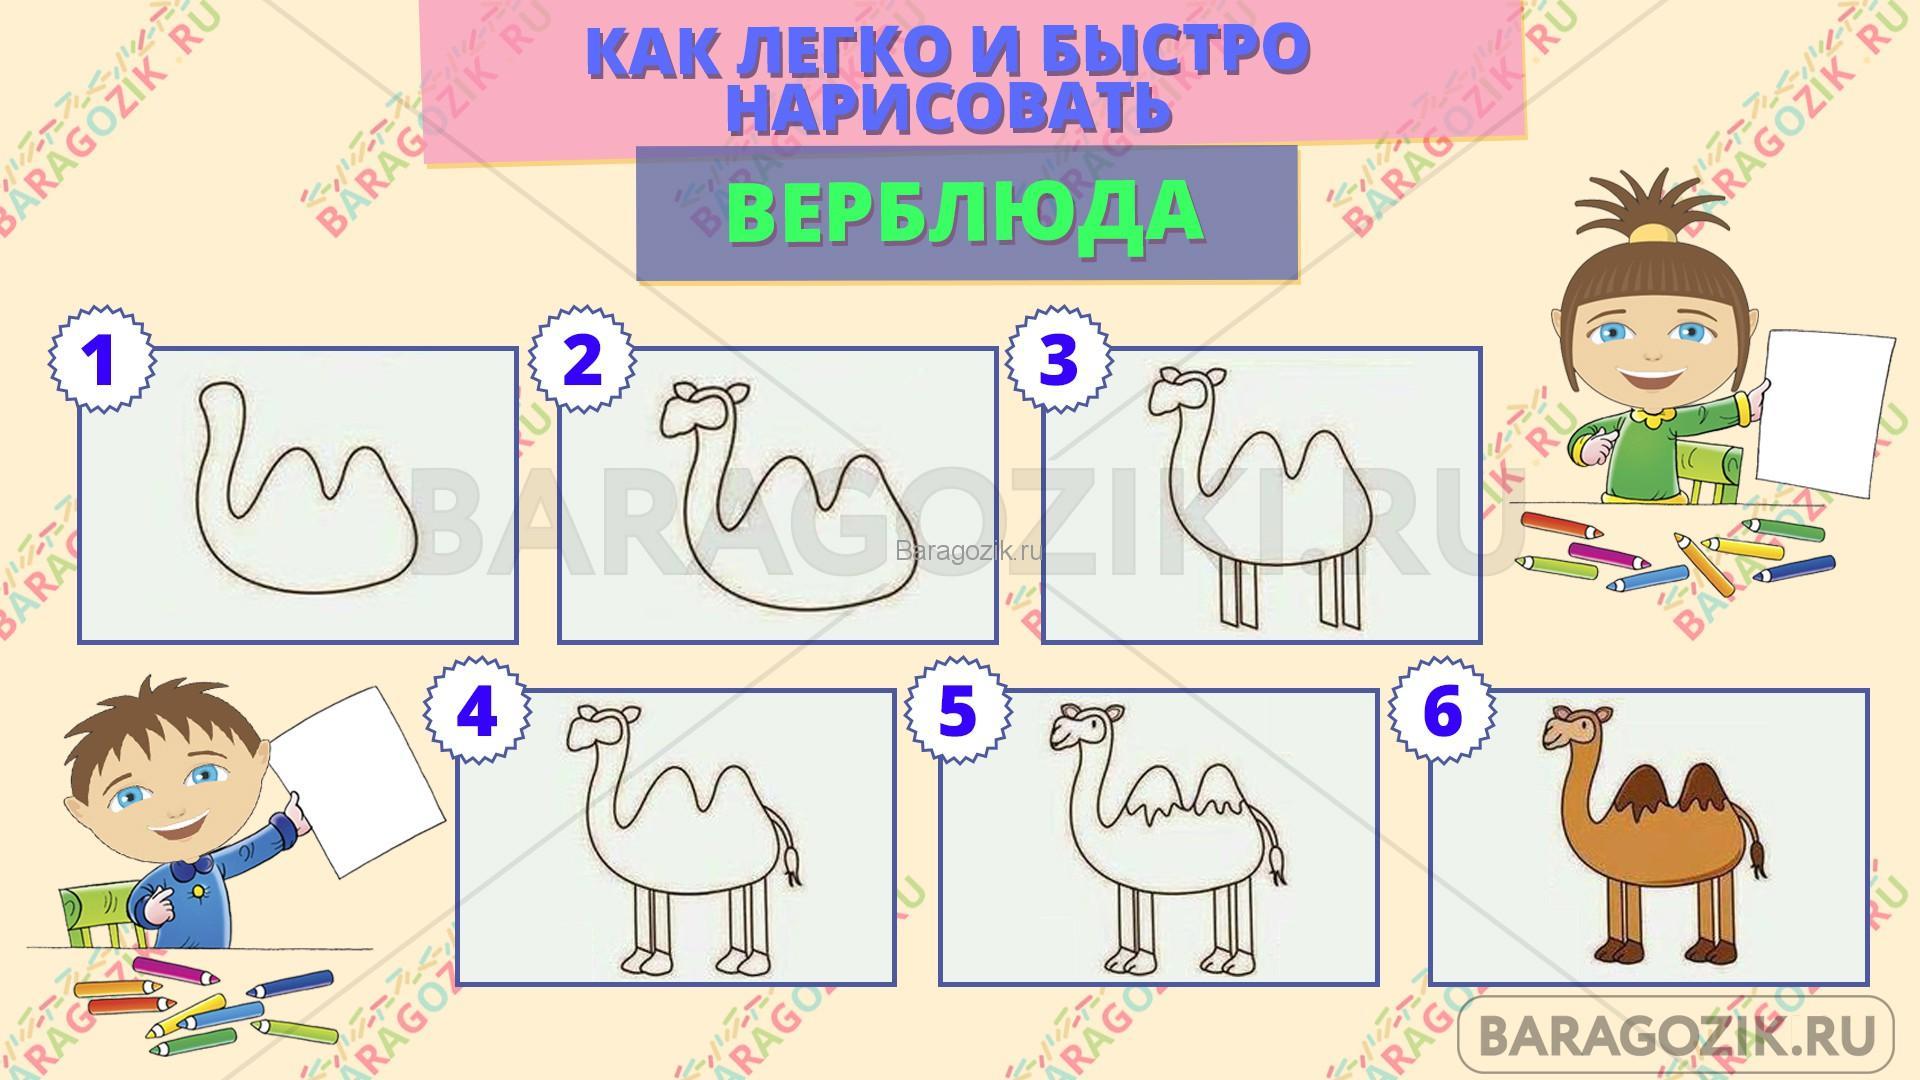 как легко нарисовать верблюда - пошаговая схема